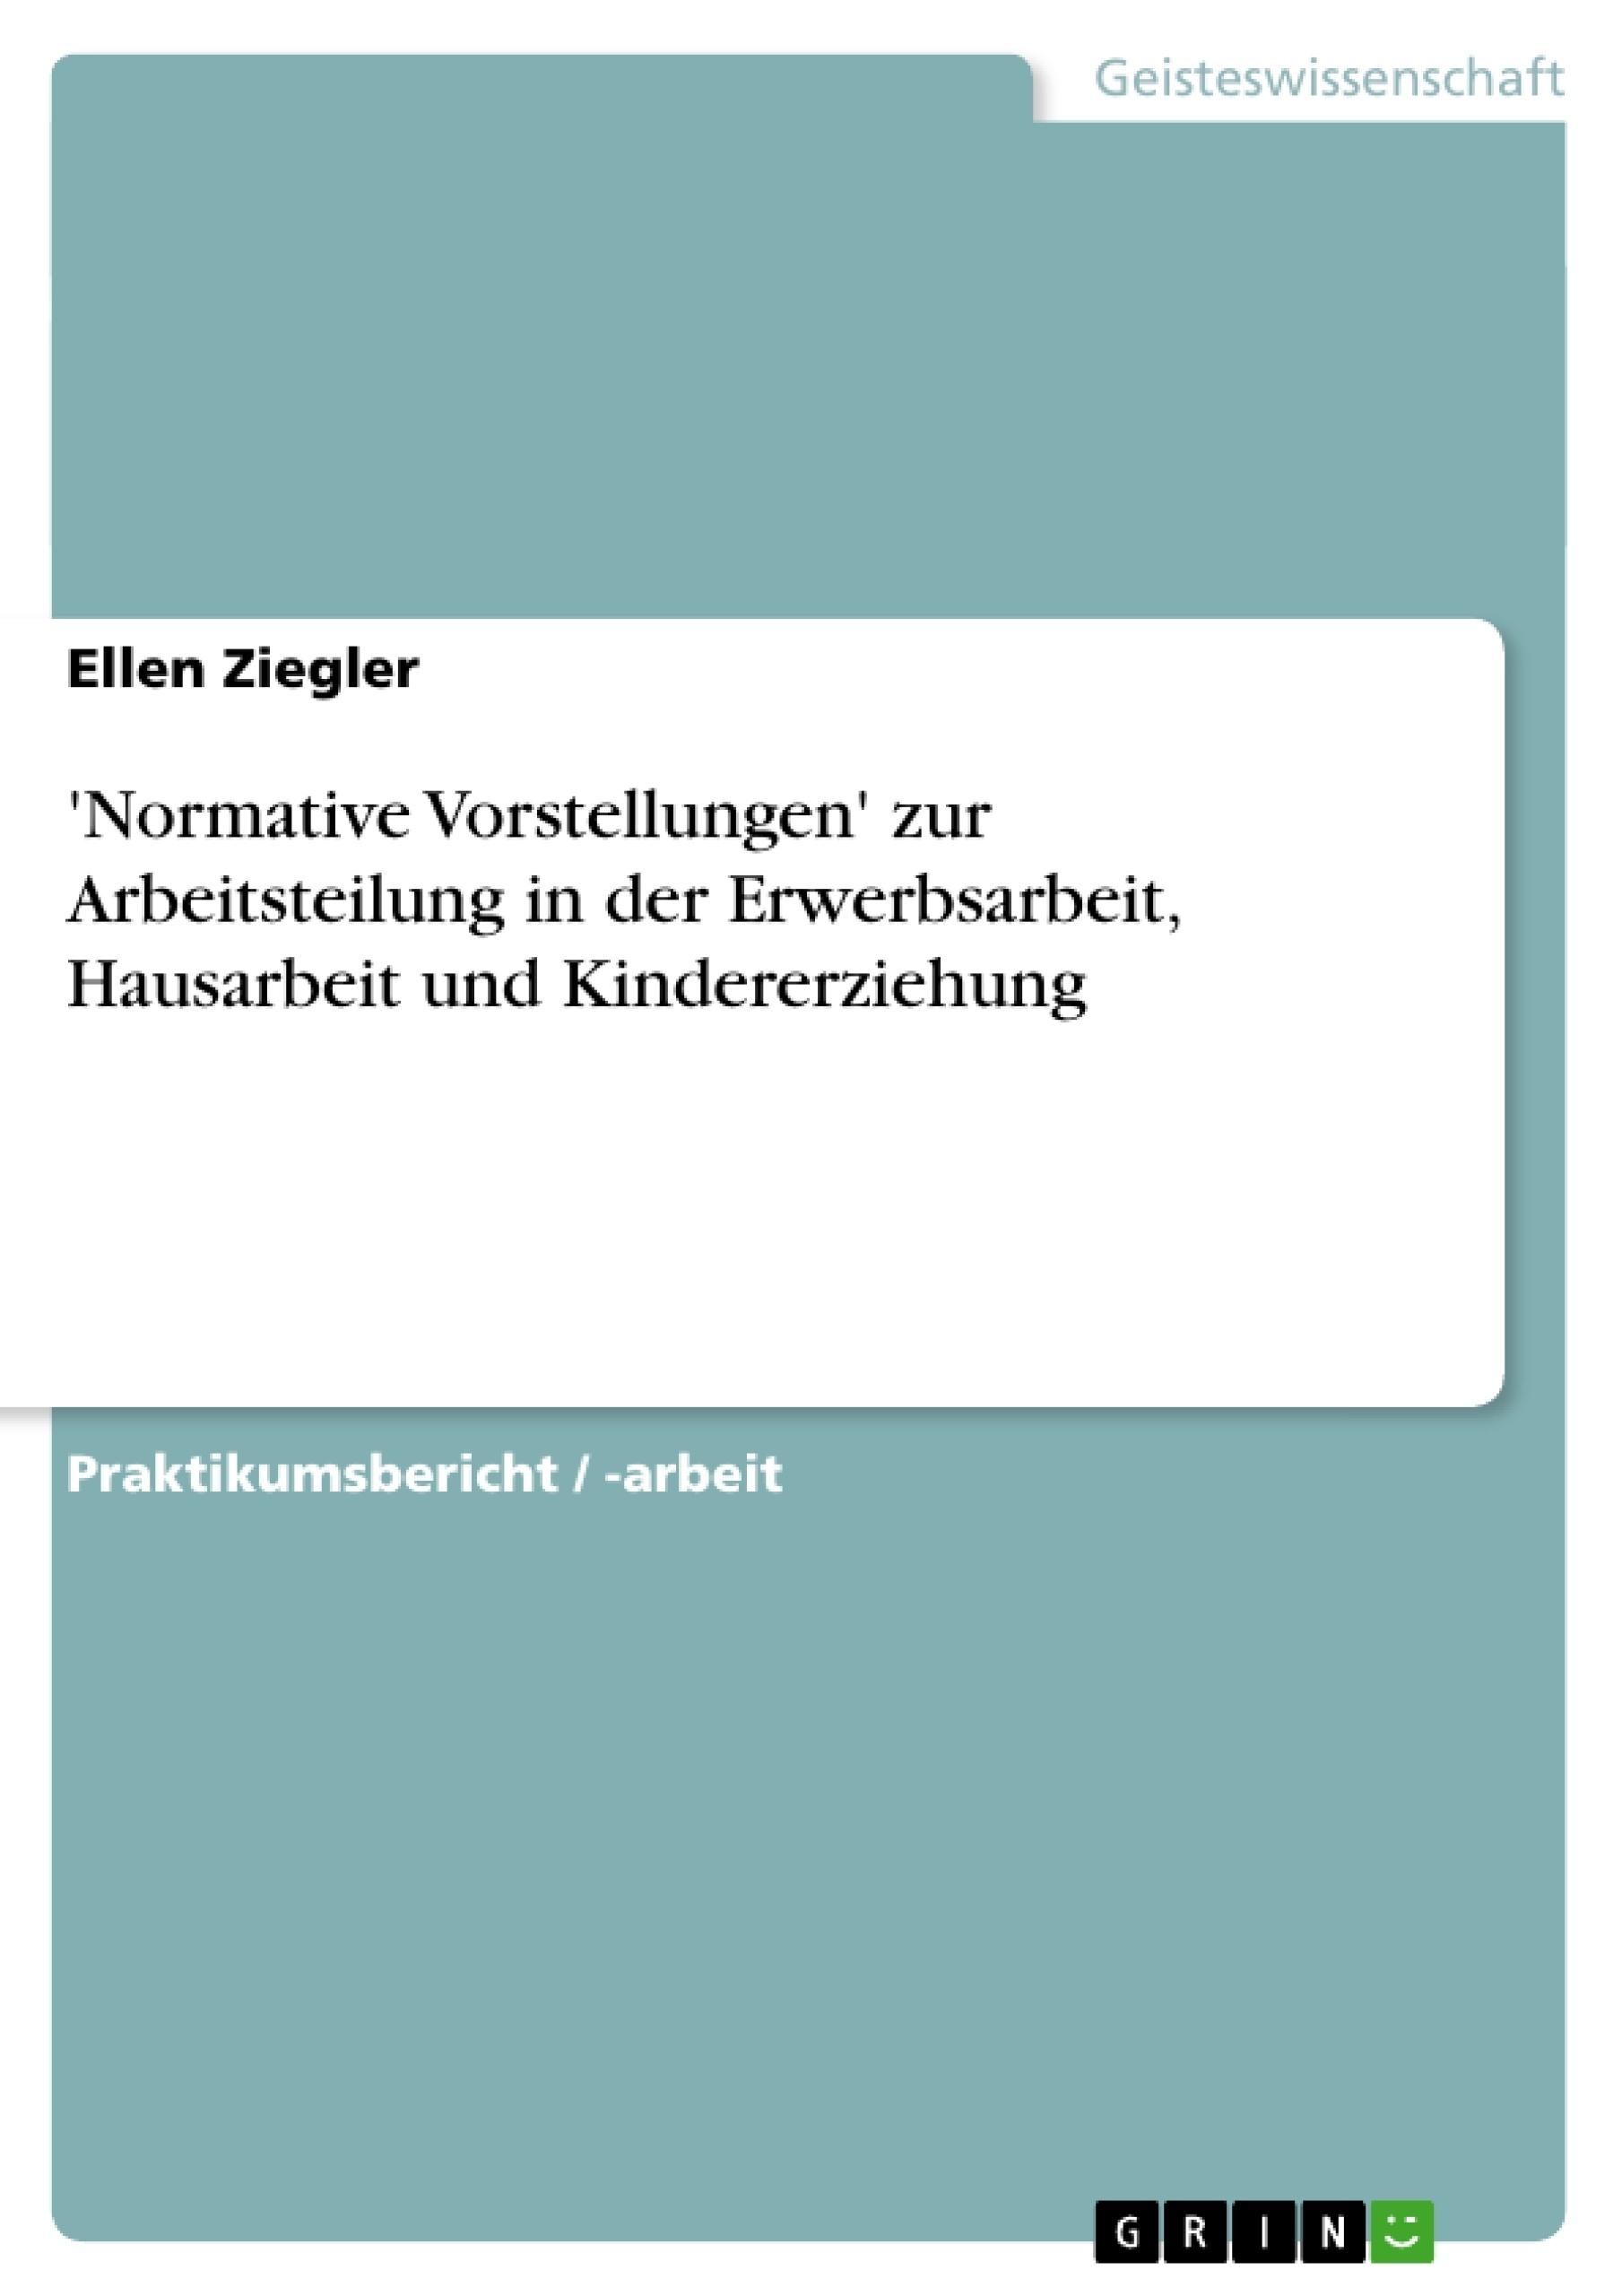 Titel: 'Normative Vorstellungen' zur Arbeitsteilung in der Erwerbsarbeit, Hausarbeit und Kindererziehung